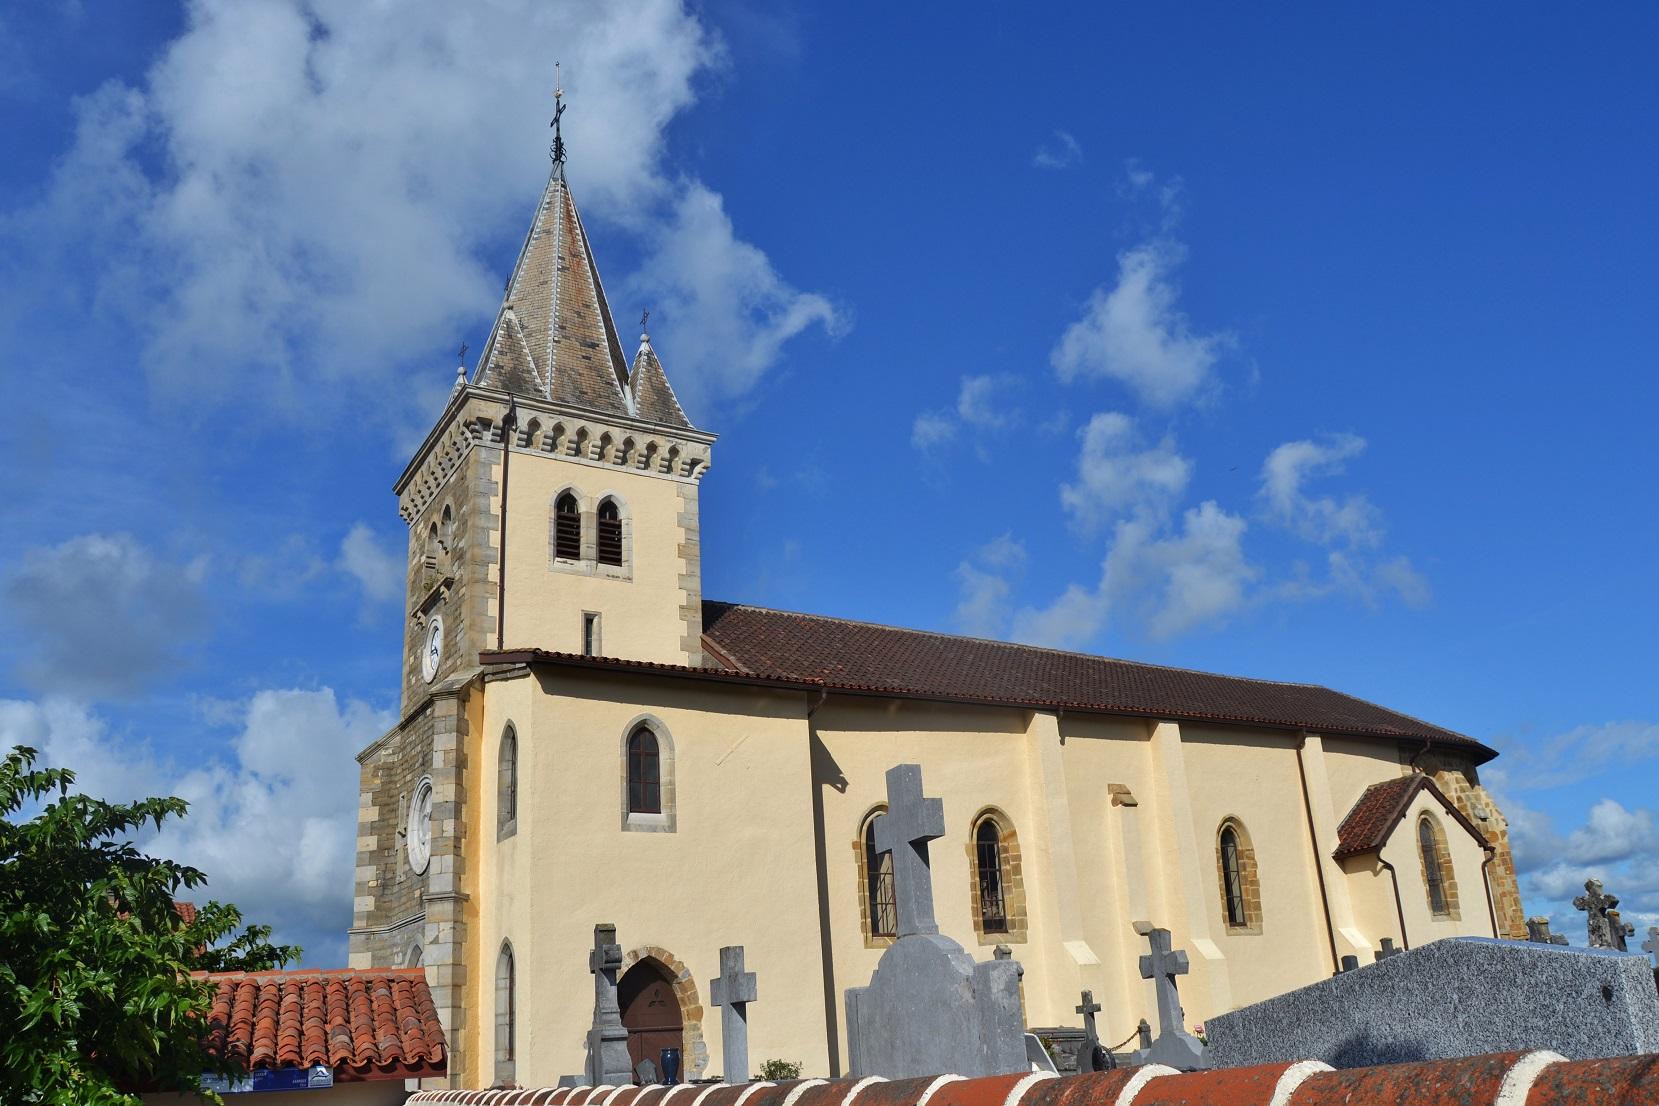 église paroissiale Saint-Félix à St palais.